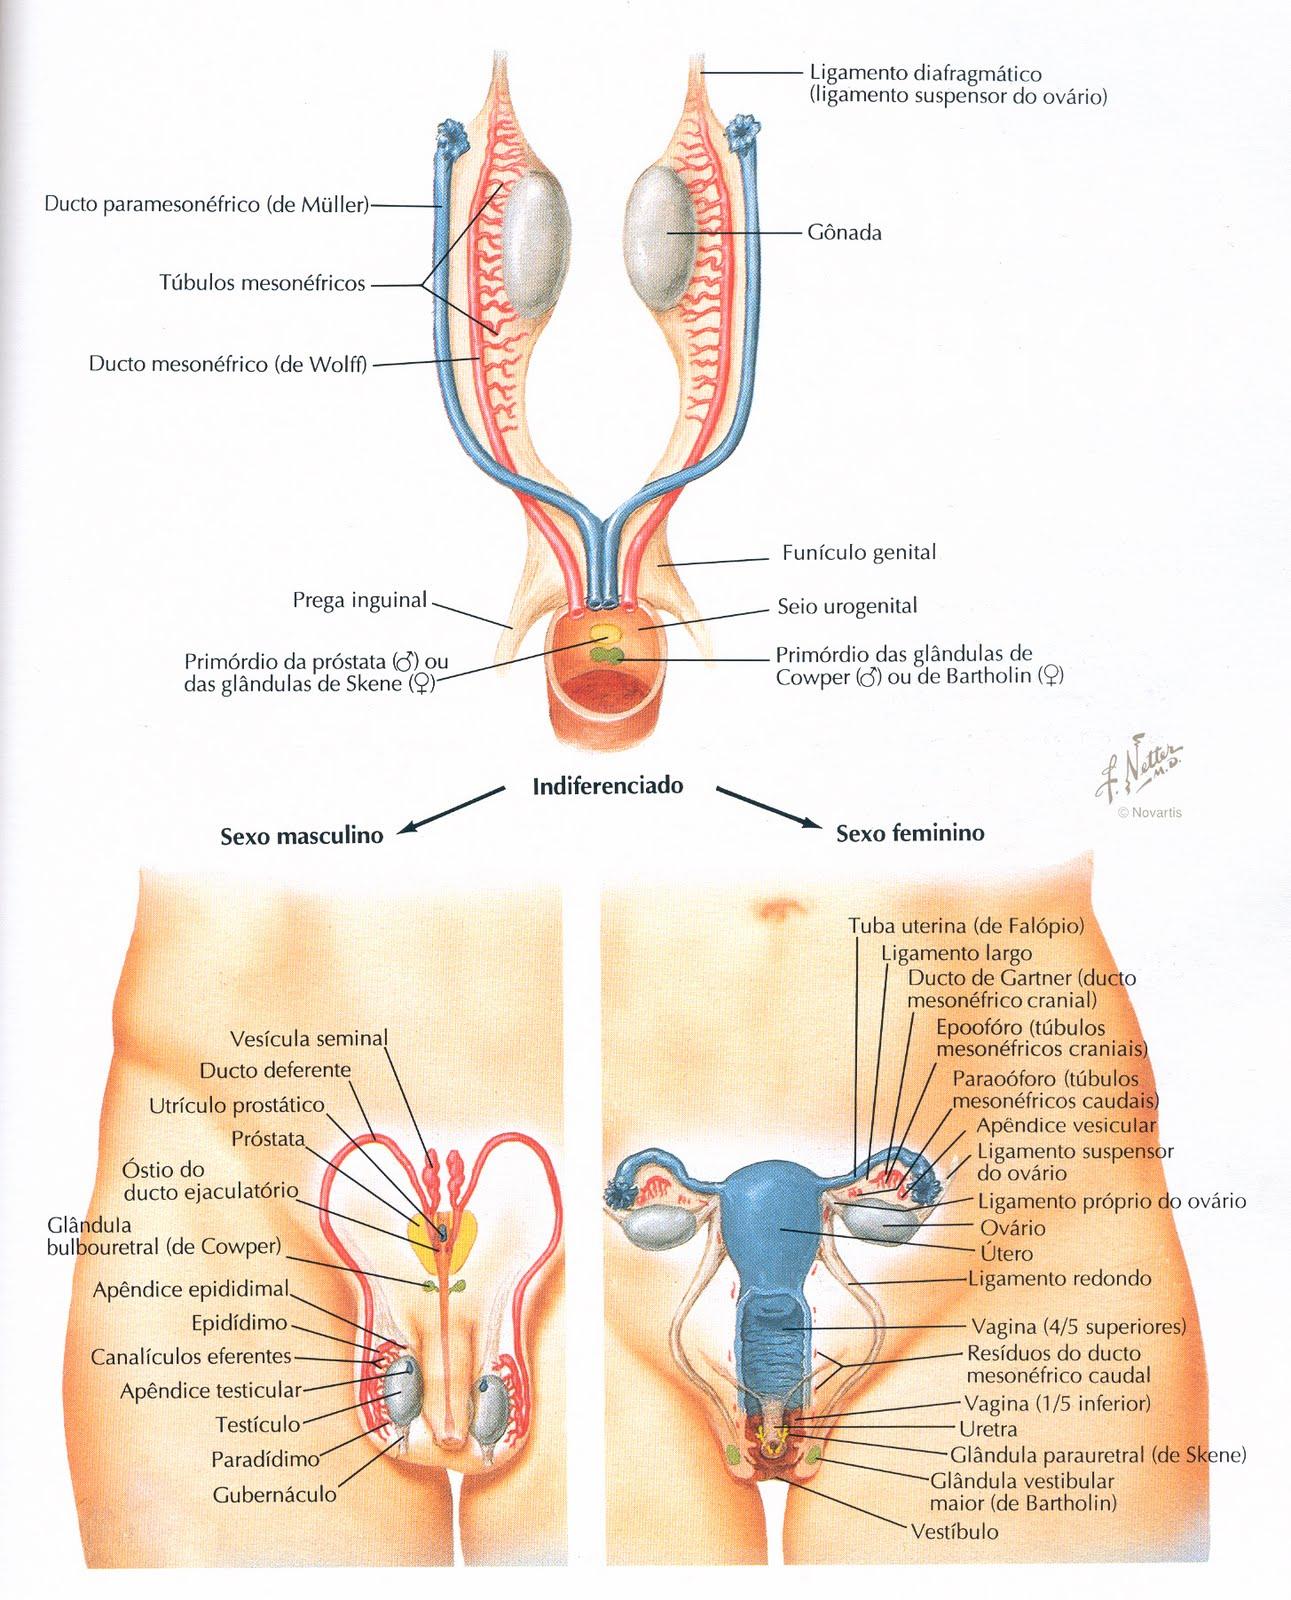 Moderno Diagrama De La Anatomía De La Vulva Patrón - Anatomía de Las ...